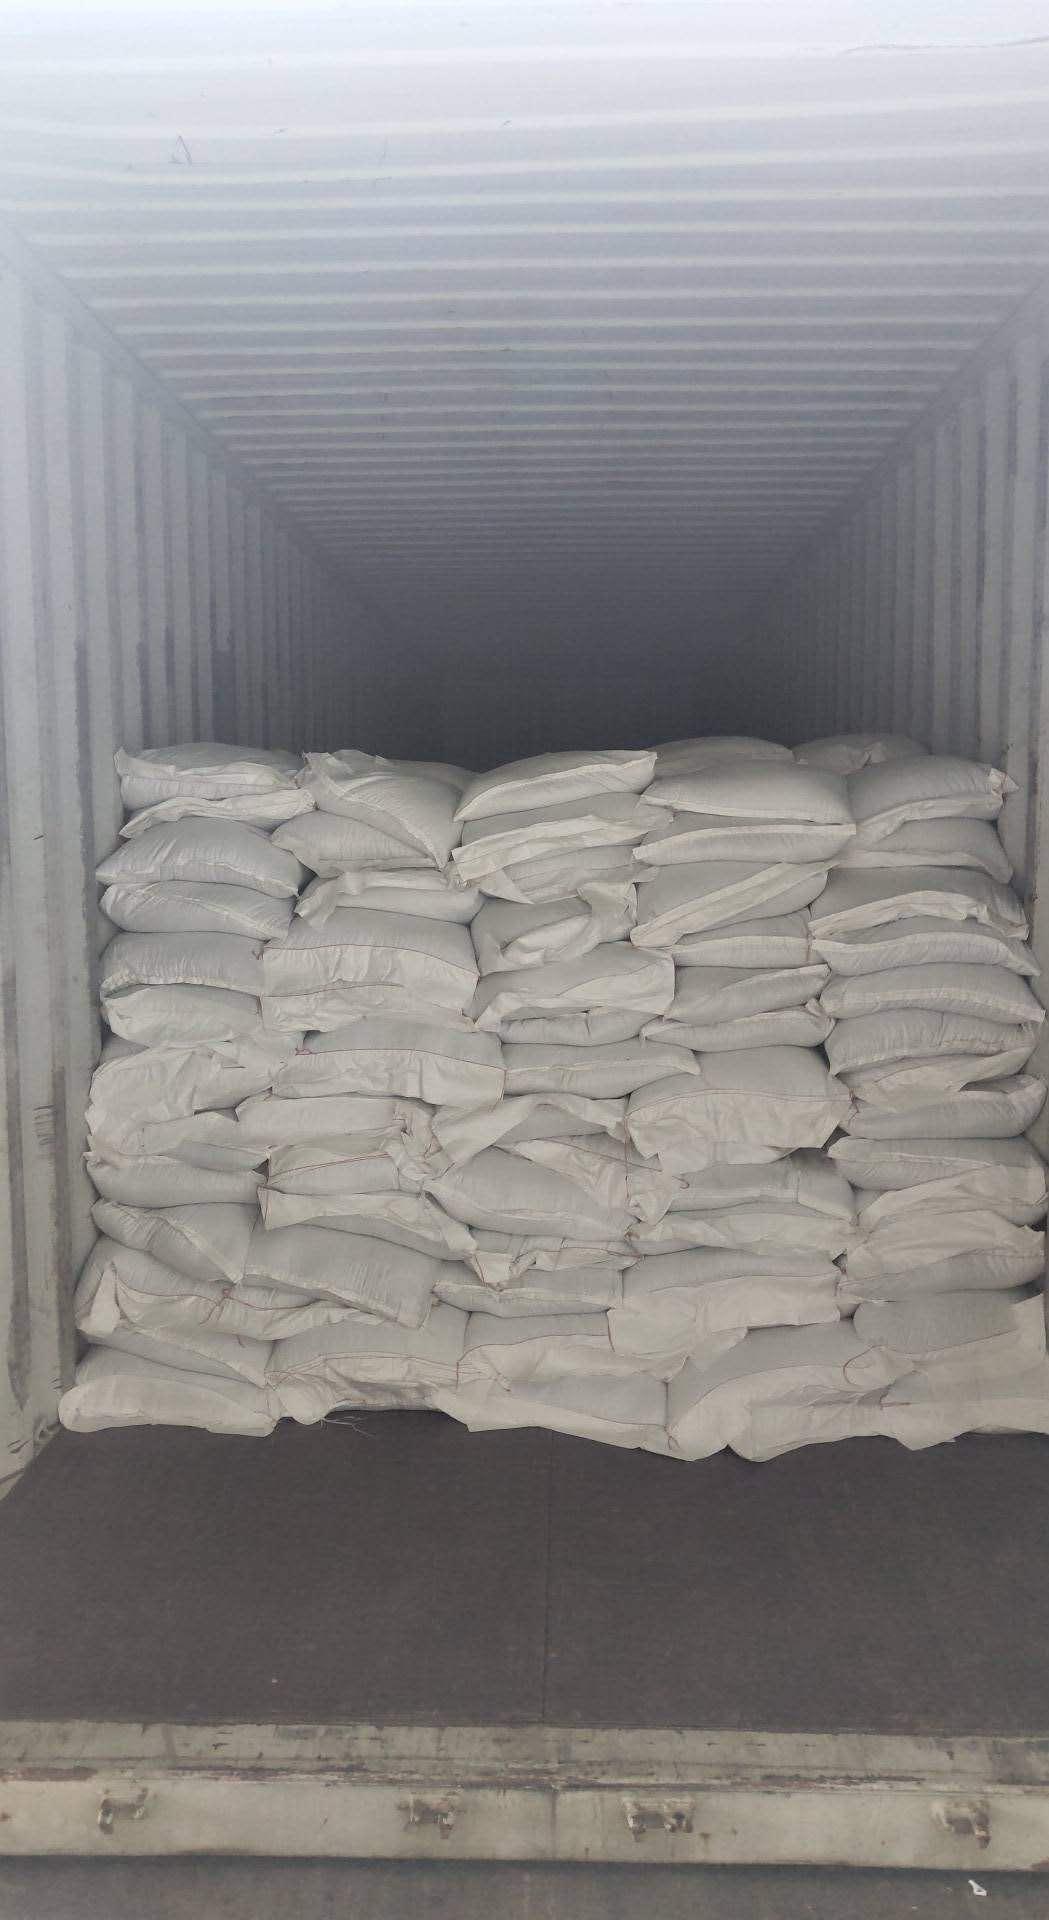 印度枕套进口物流培训机构 值得信赖「宁波美时国际货运代理供应」